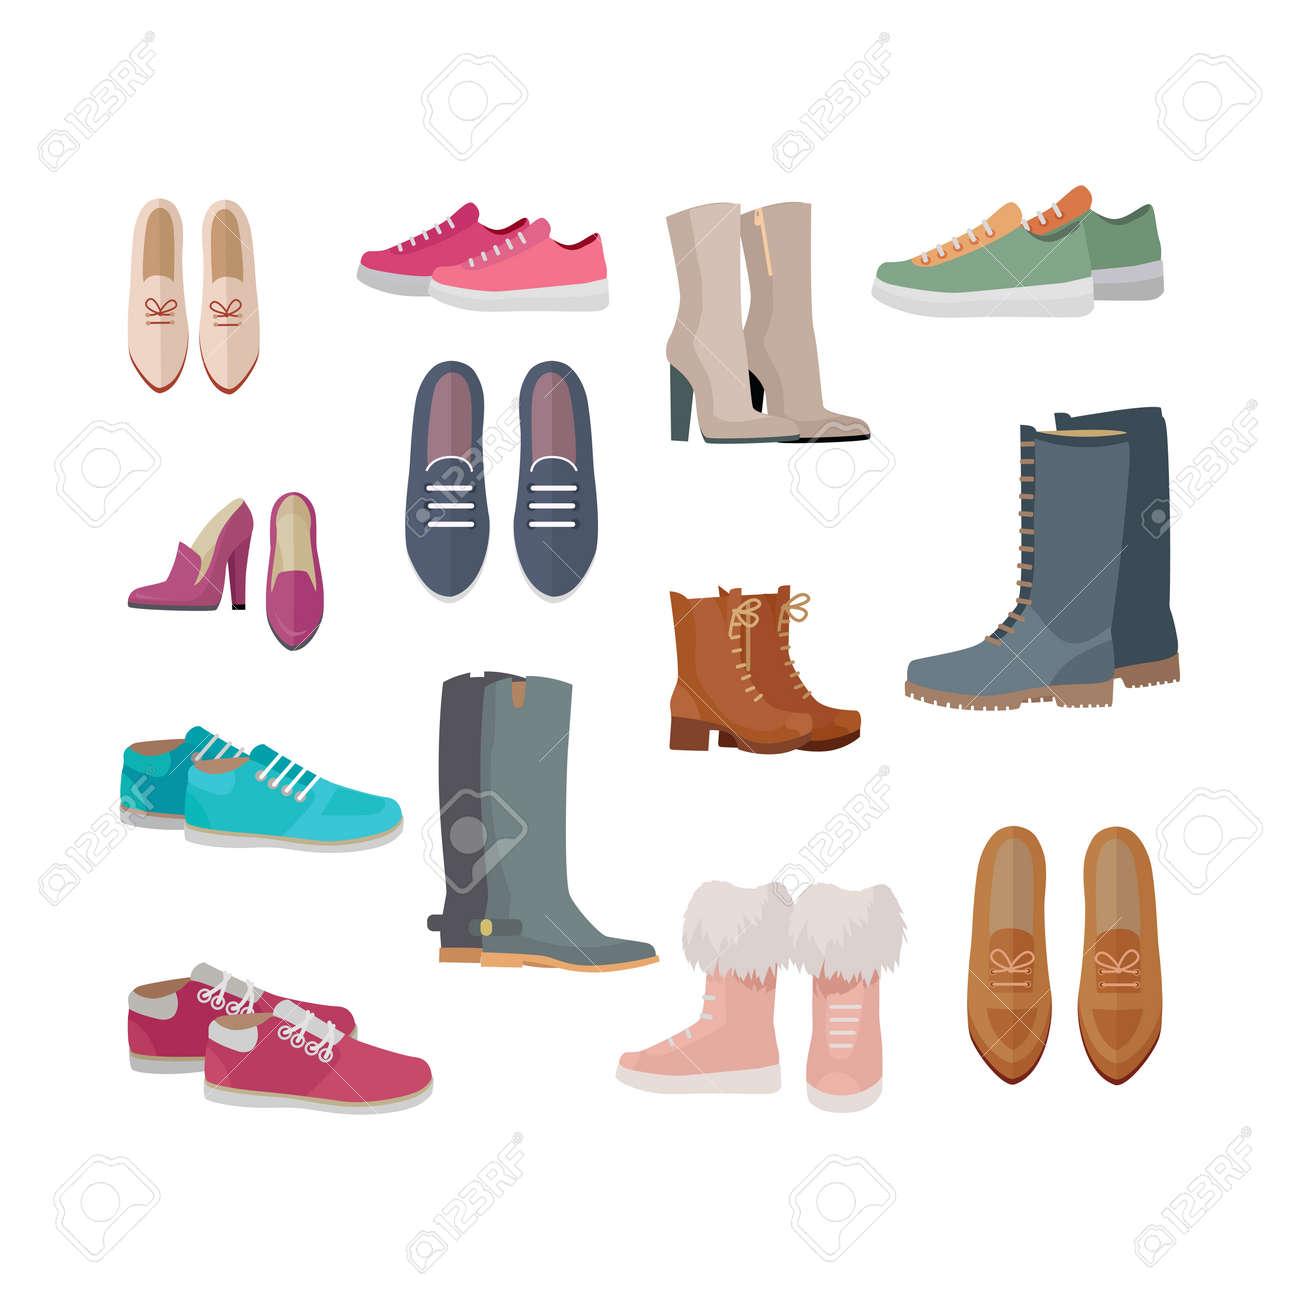 Set Disegno Caviglia Donna Metà Di Piatto Vettoriale S Scarpe E qEwST7v4